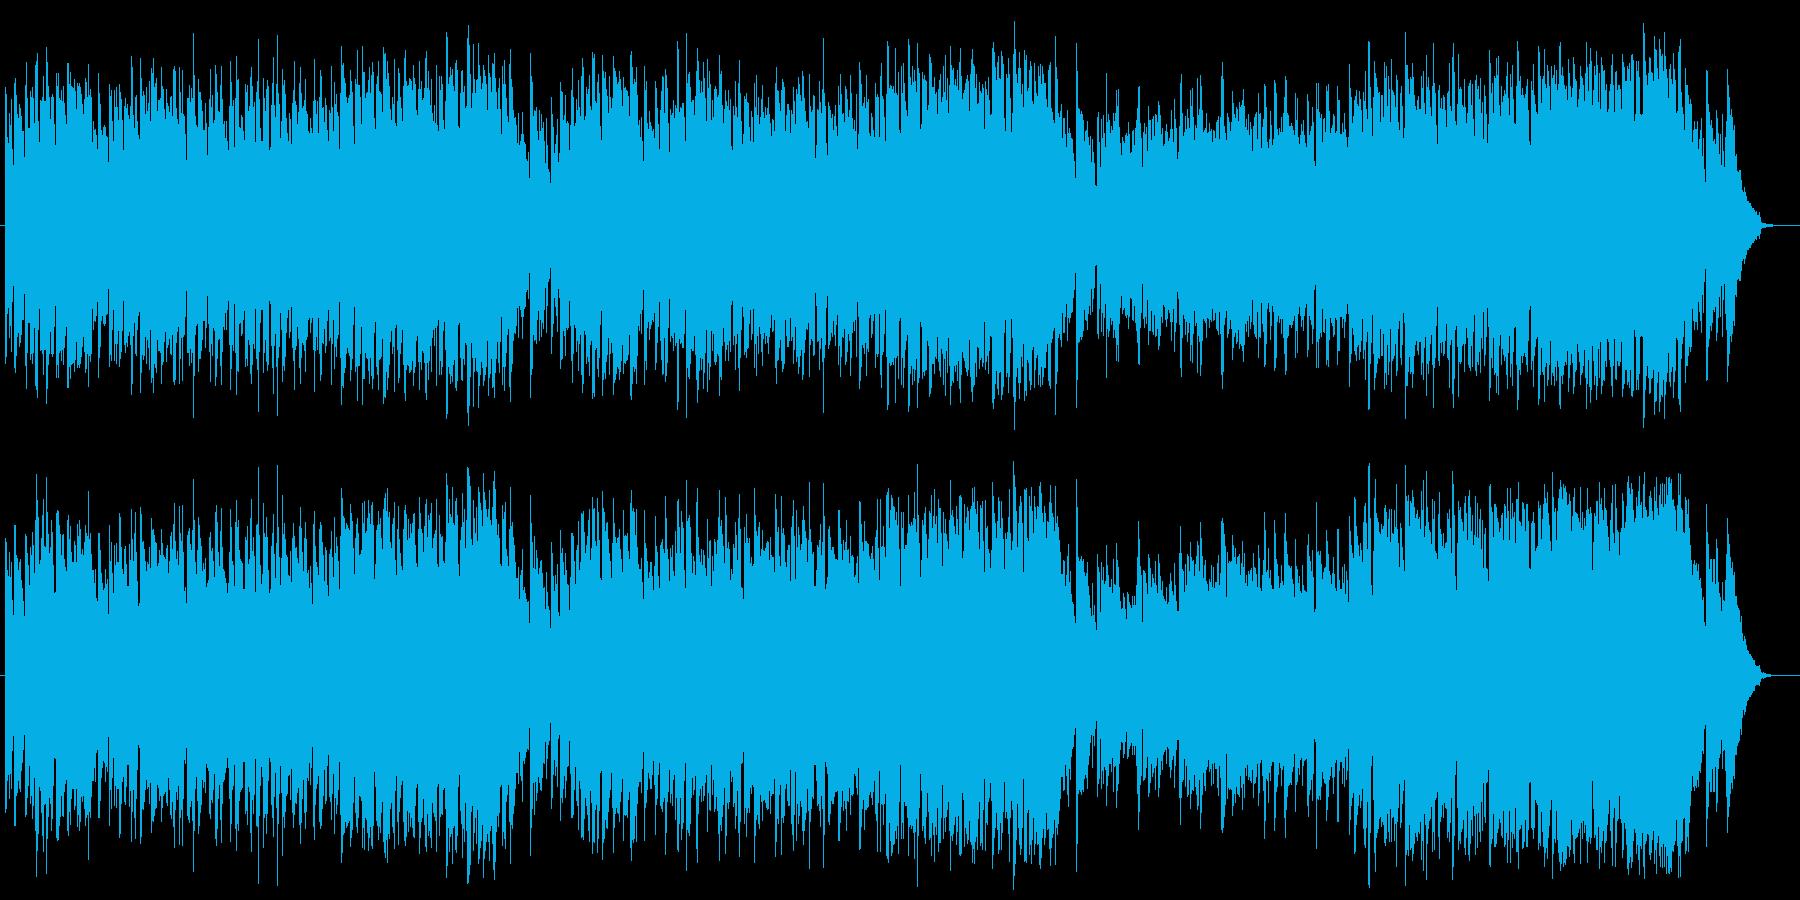 軽快なエレピとベースが特徴のポップスの再生済みの波形